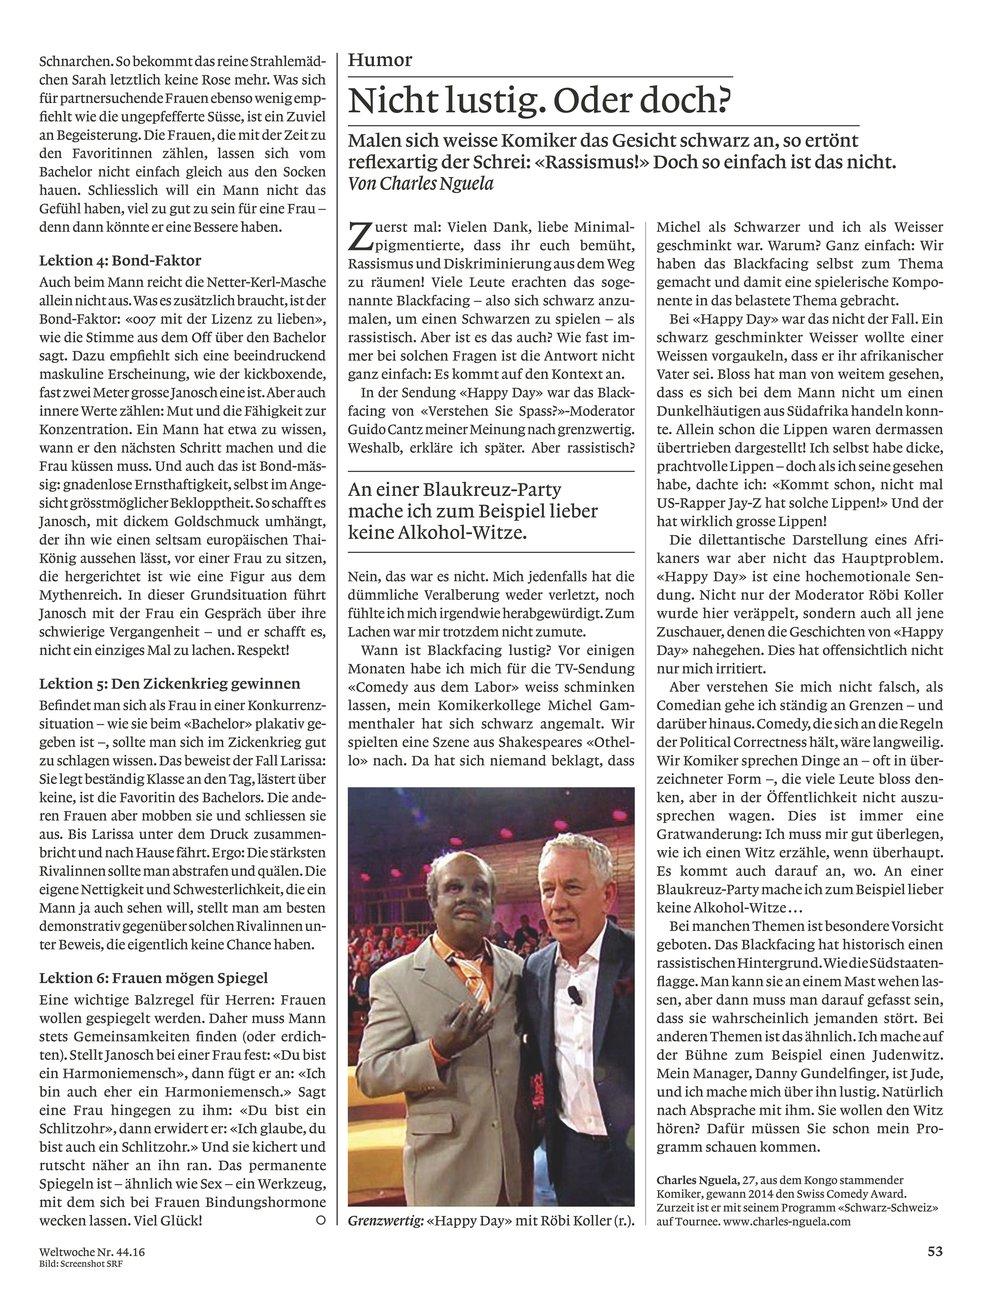 Ein Artikel von Charles Nguela